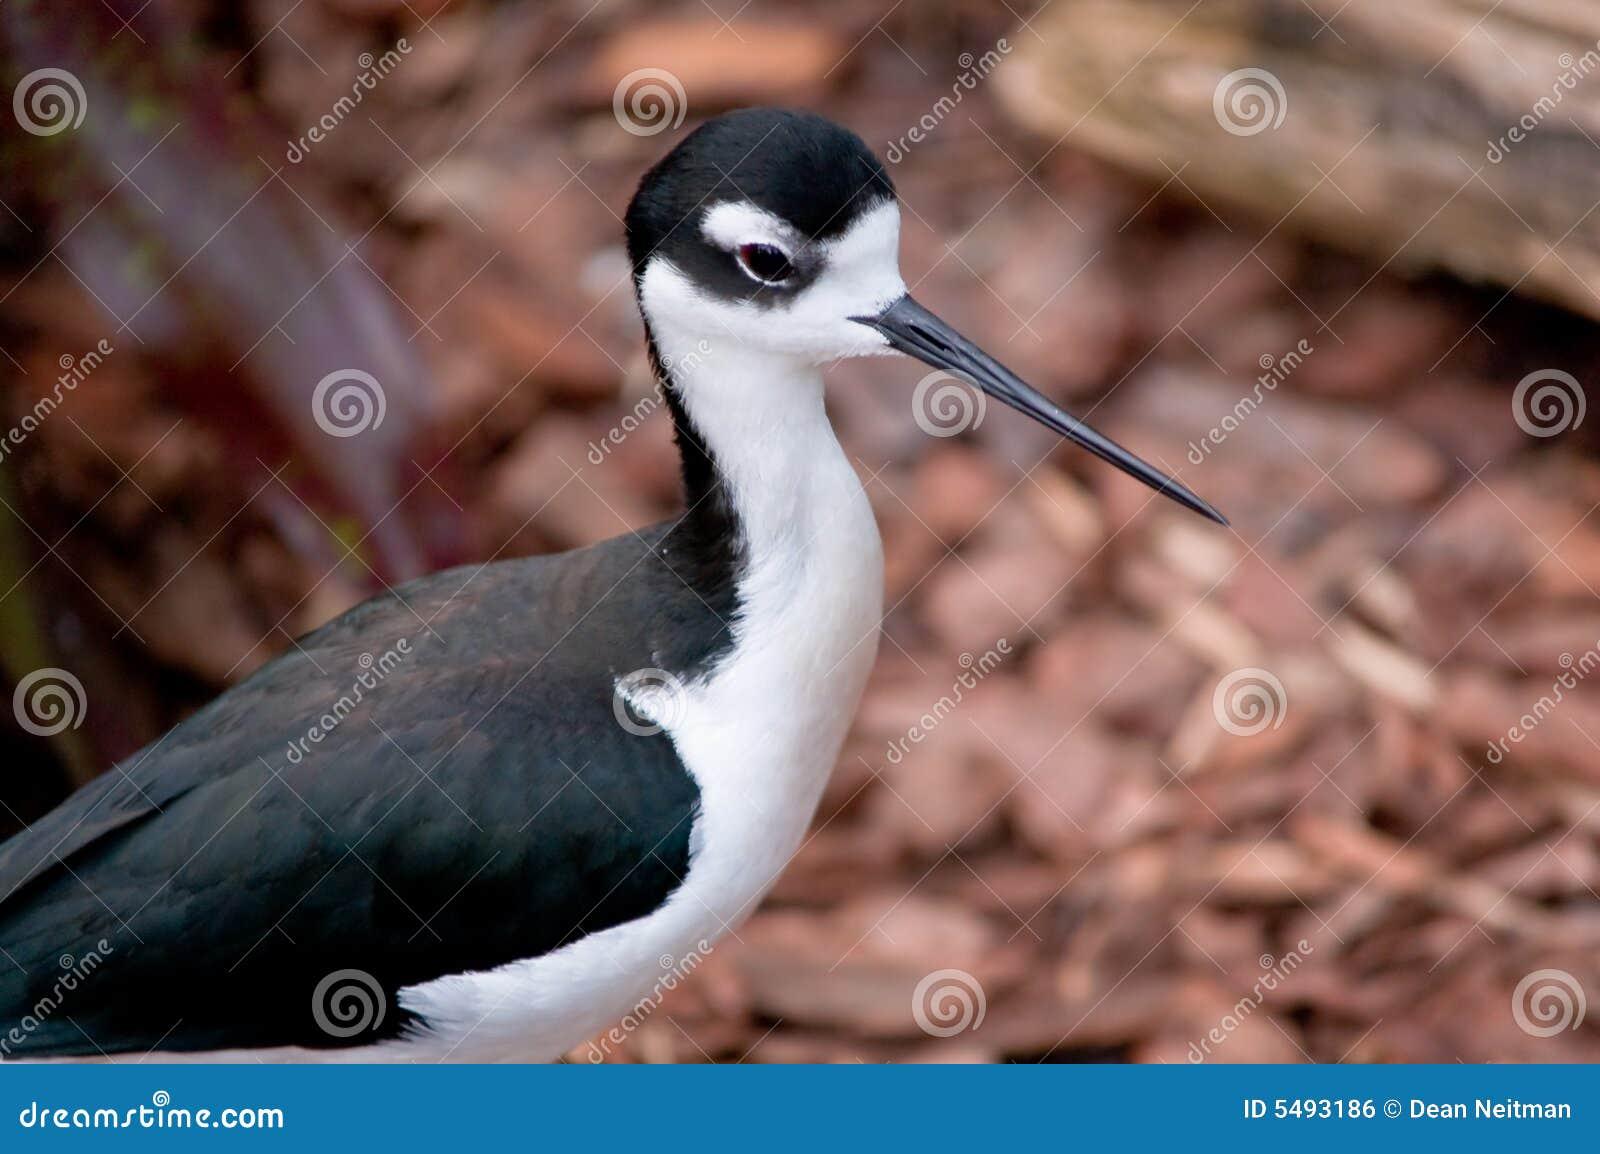 μακρύ μαύρο πουλί pic φωτογραφίες των μεγαλύτερων στρόφιγγες